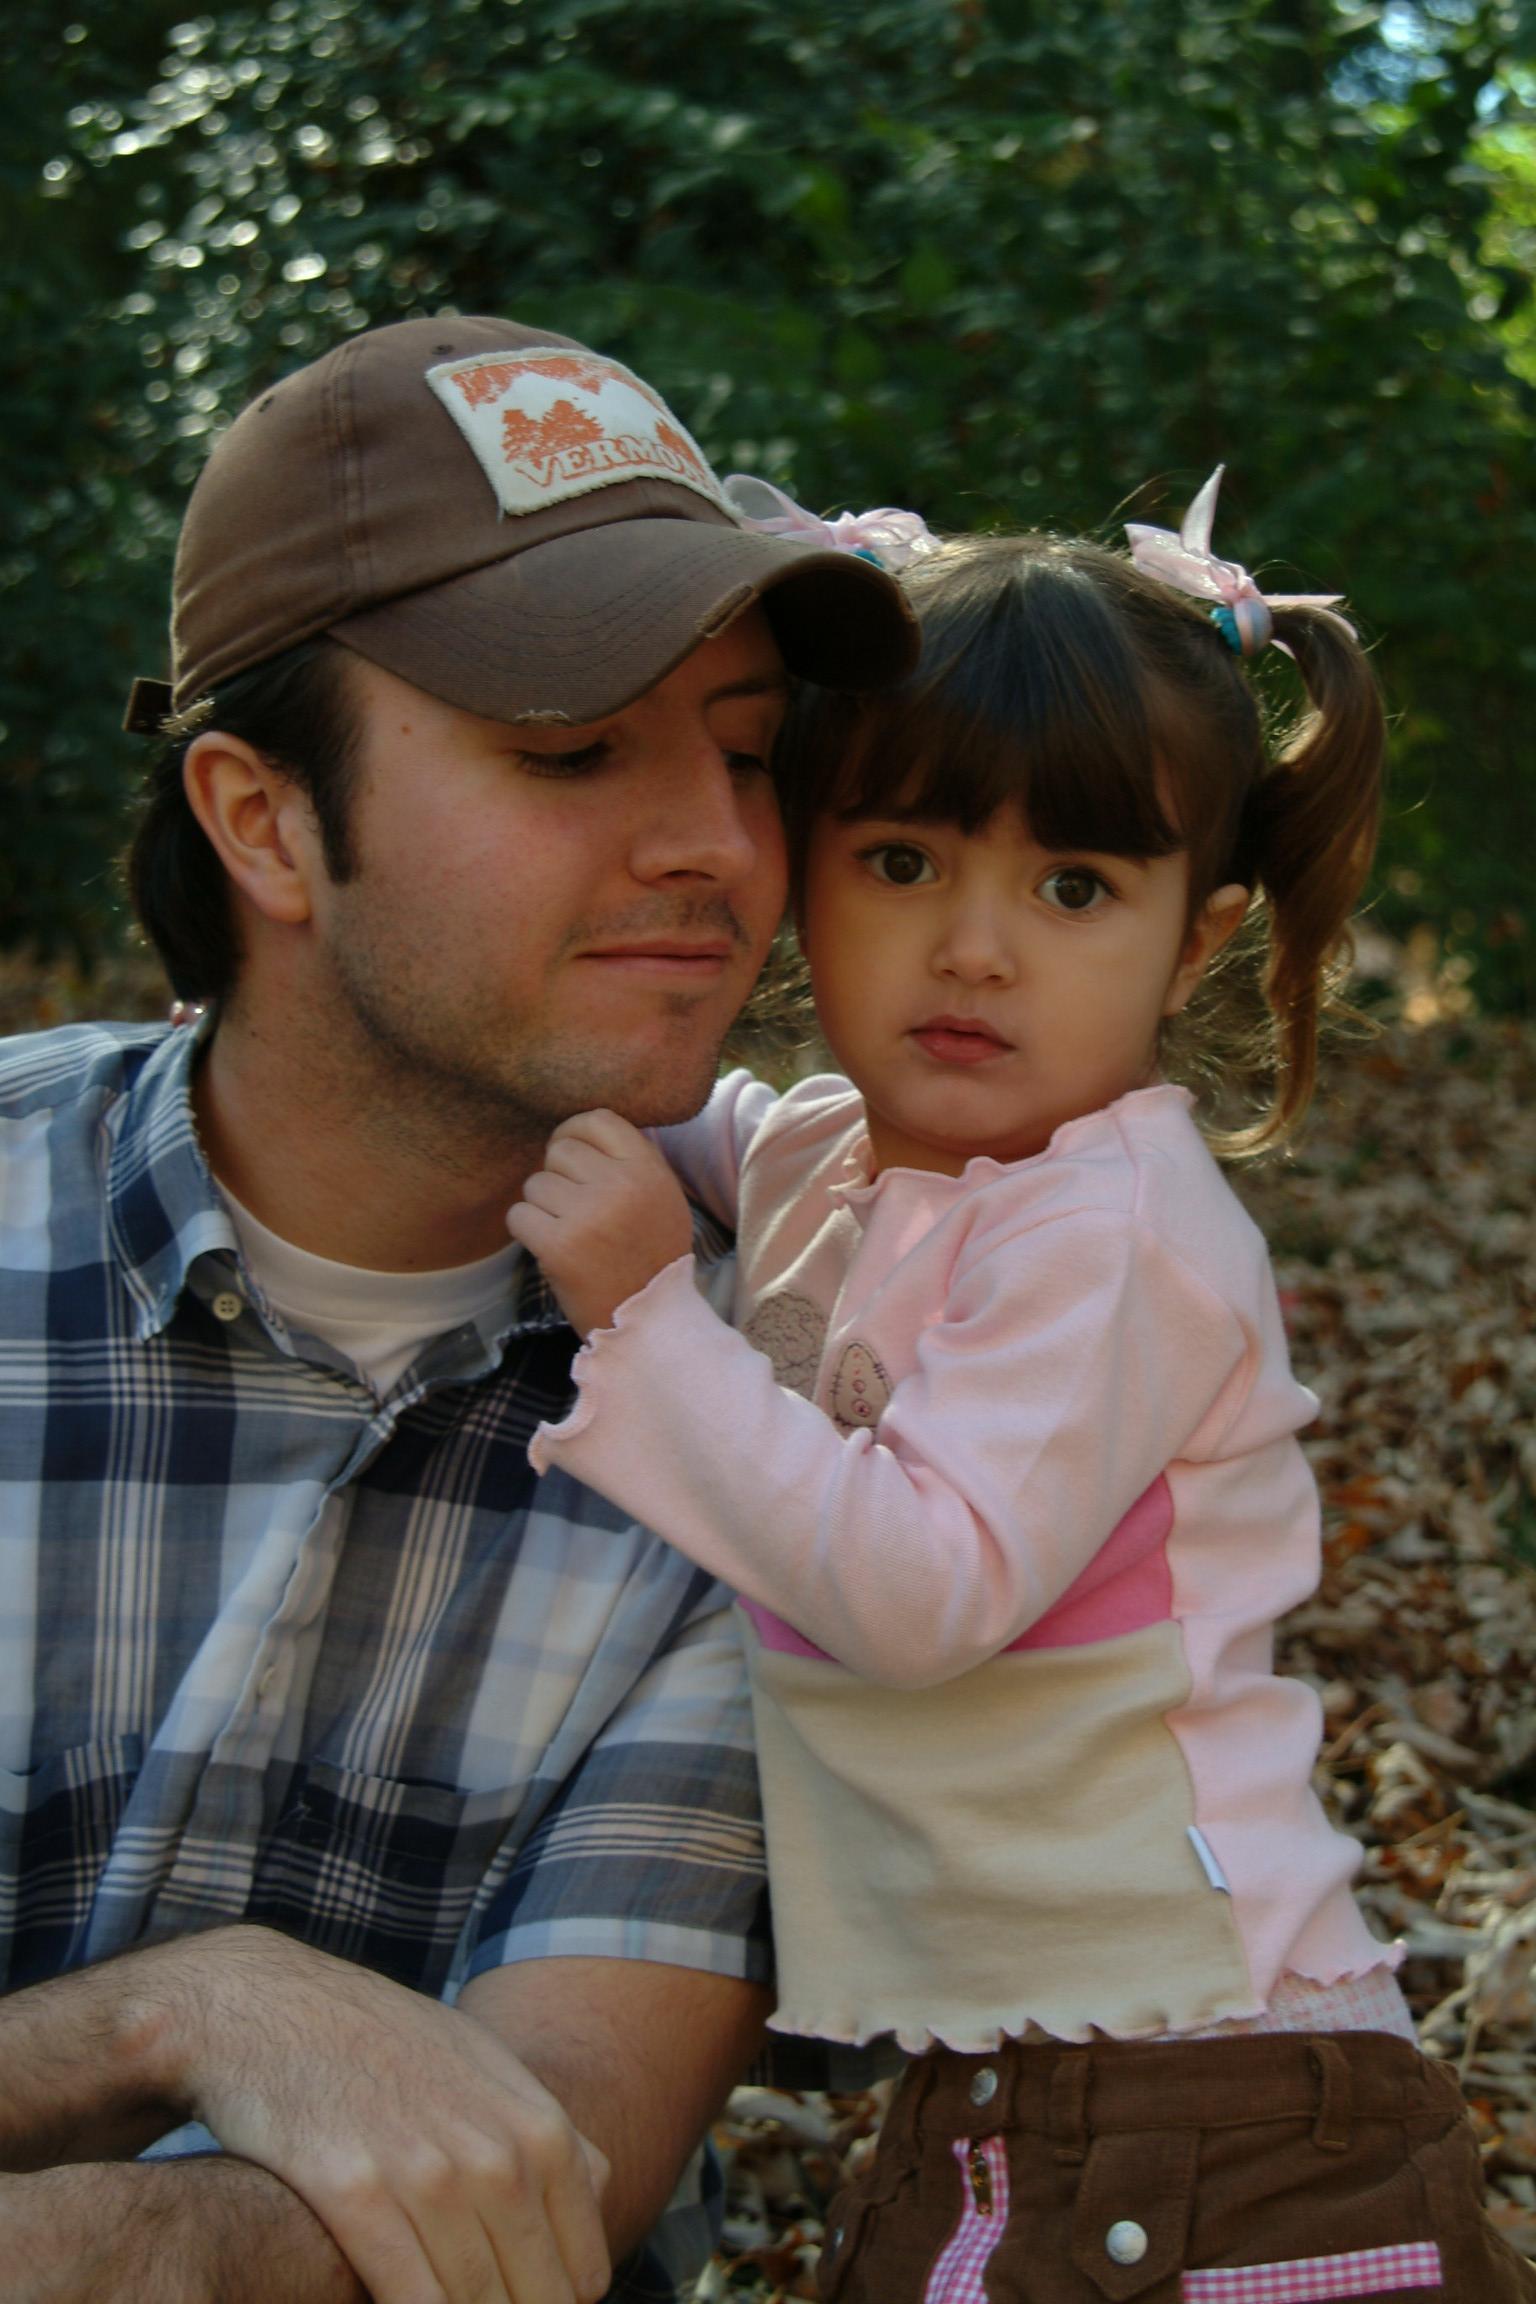 Sweet innocence. (Reston, VA; Oct 2005)